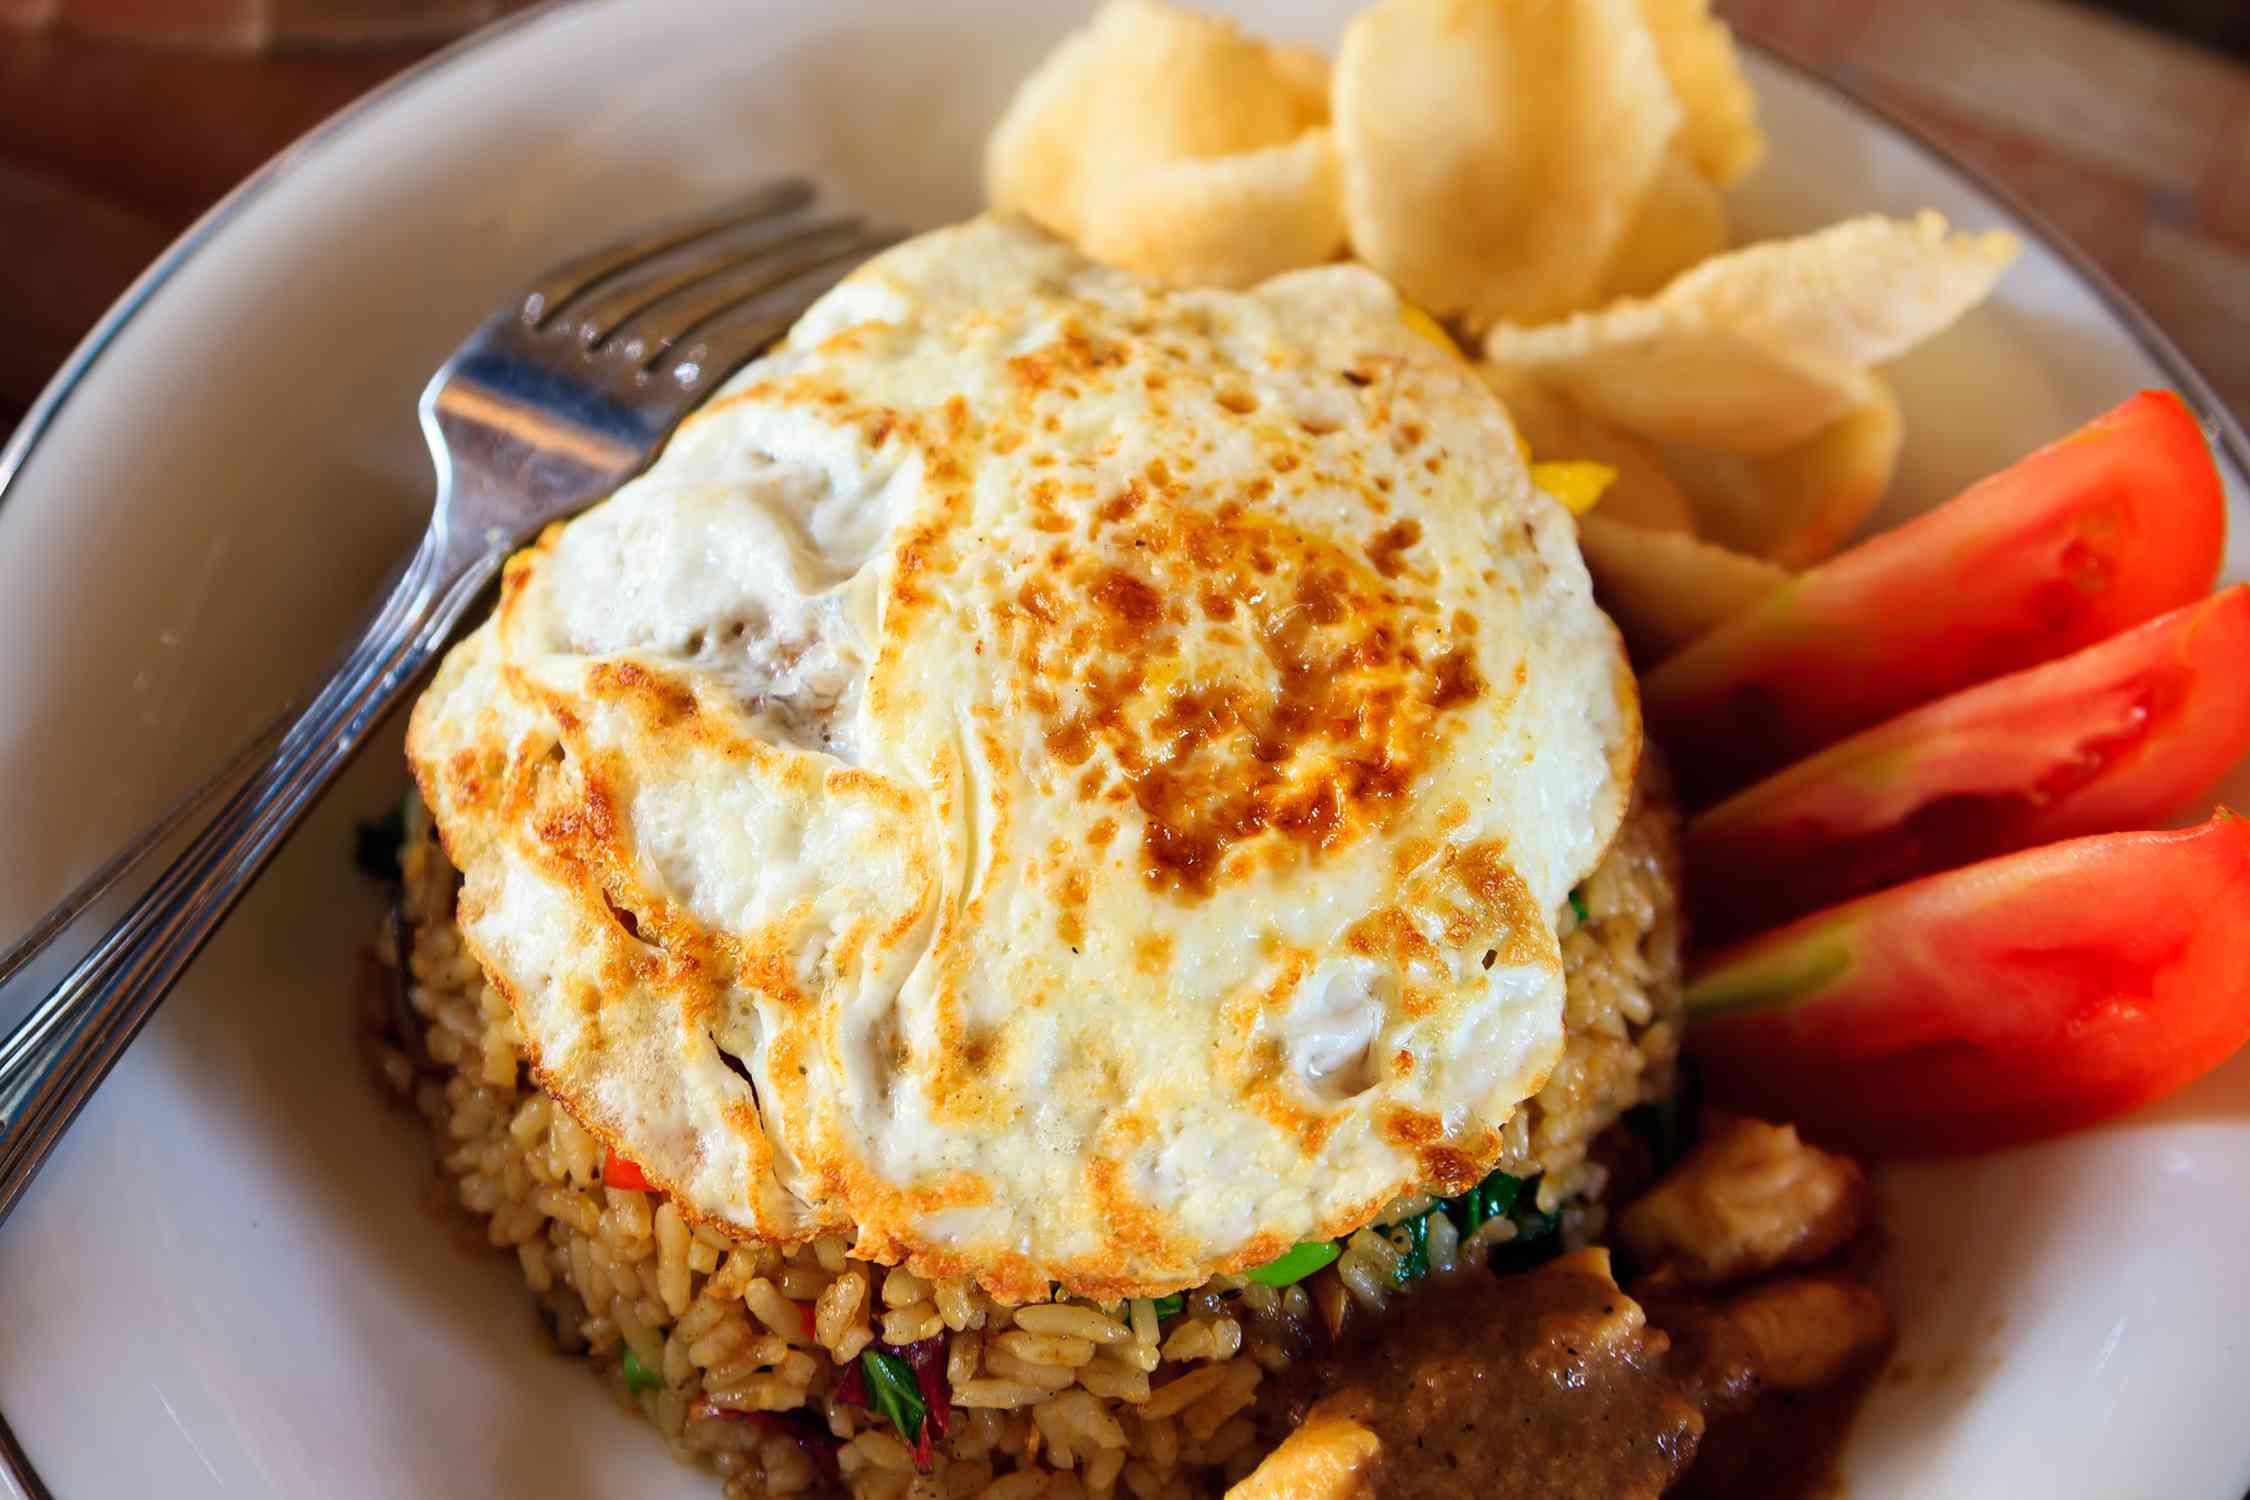 nasi goreng indonesian fried rice recipe